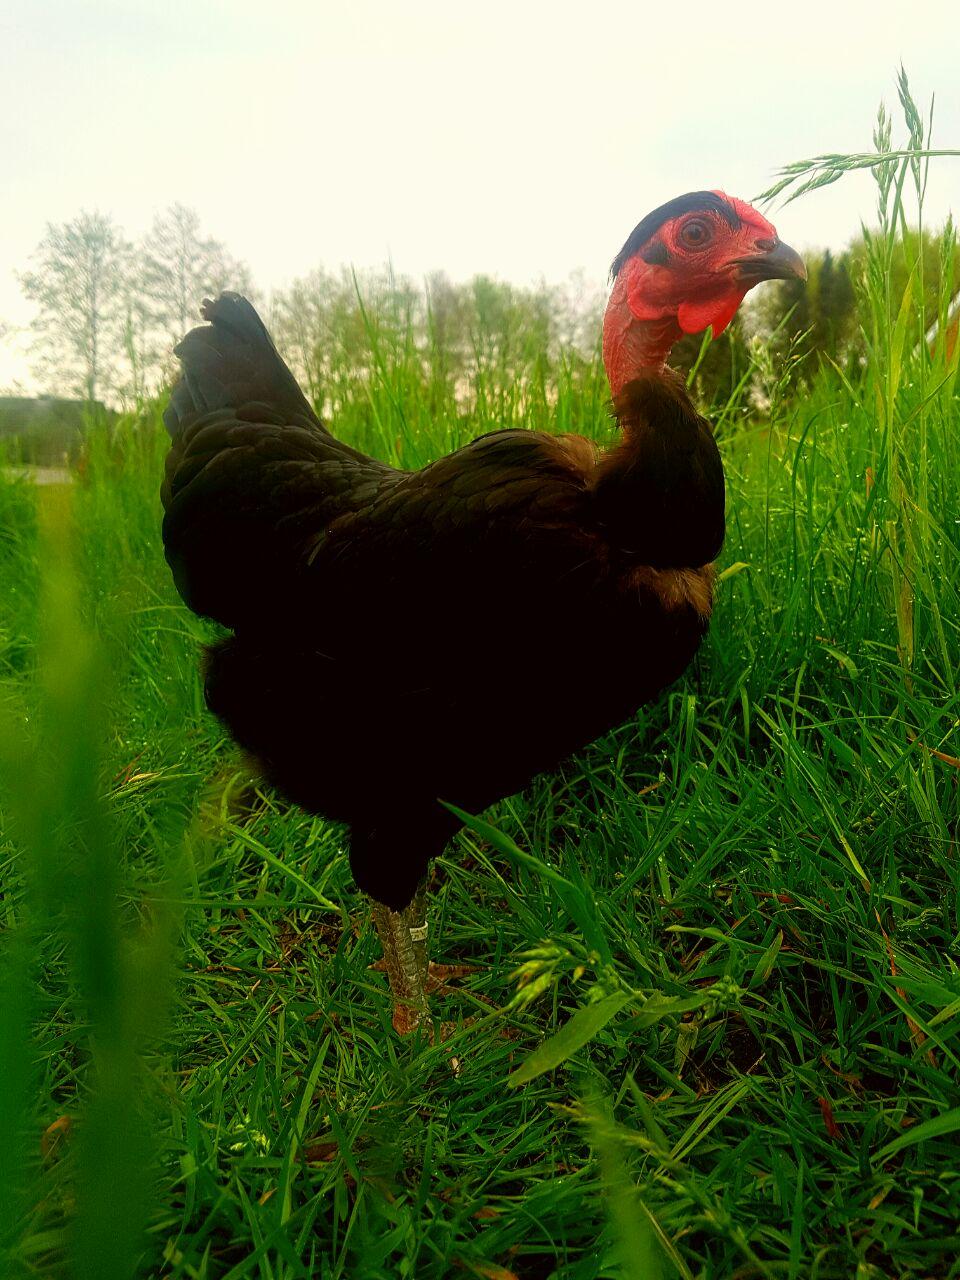 Bei der Hühnerhaltung gelingen oft schöne Zuchtergebnisse.